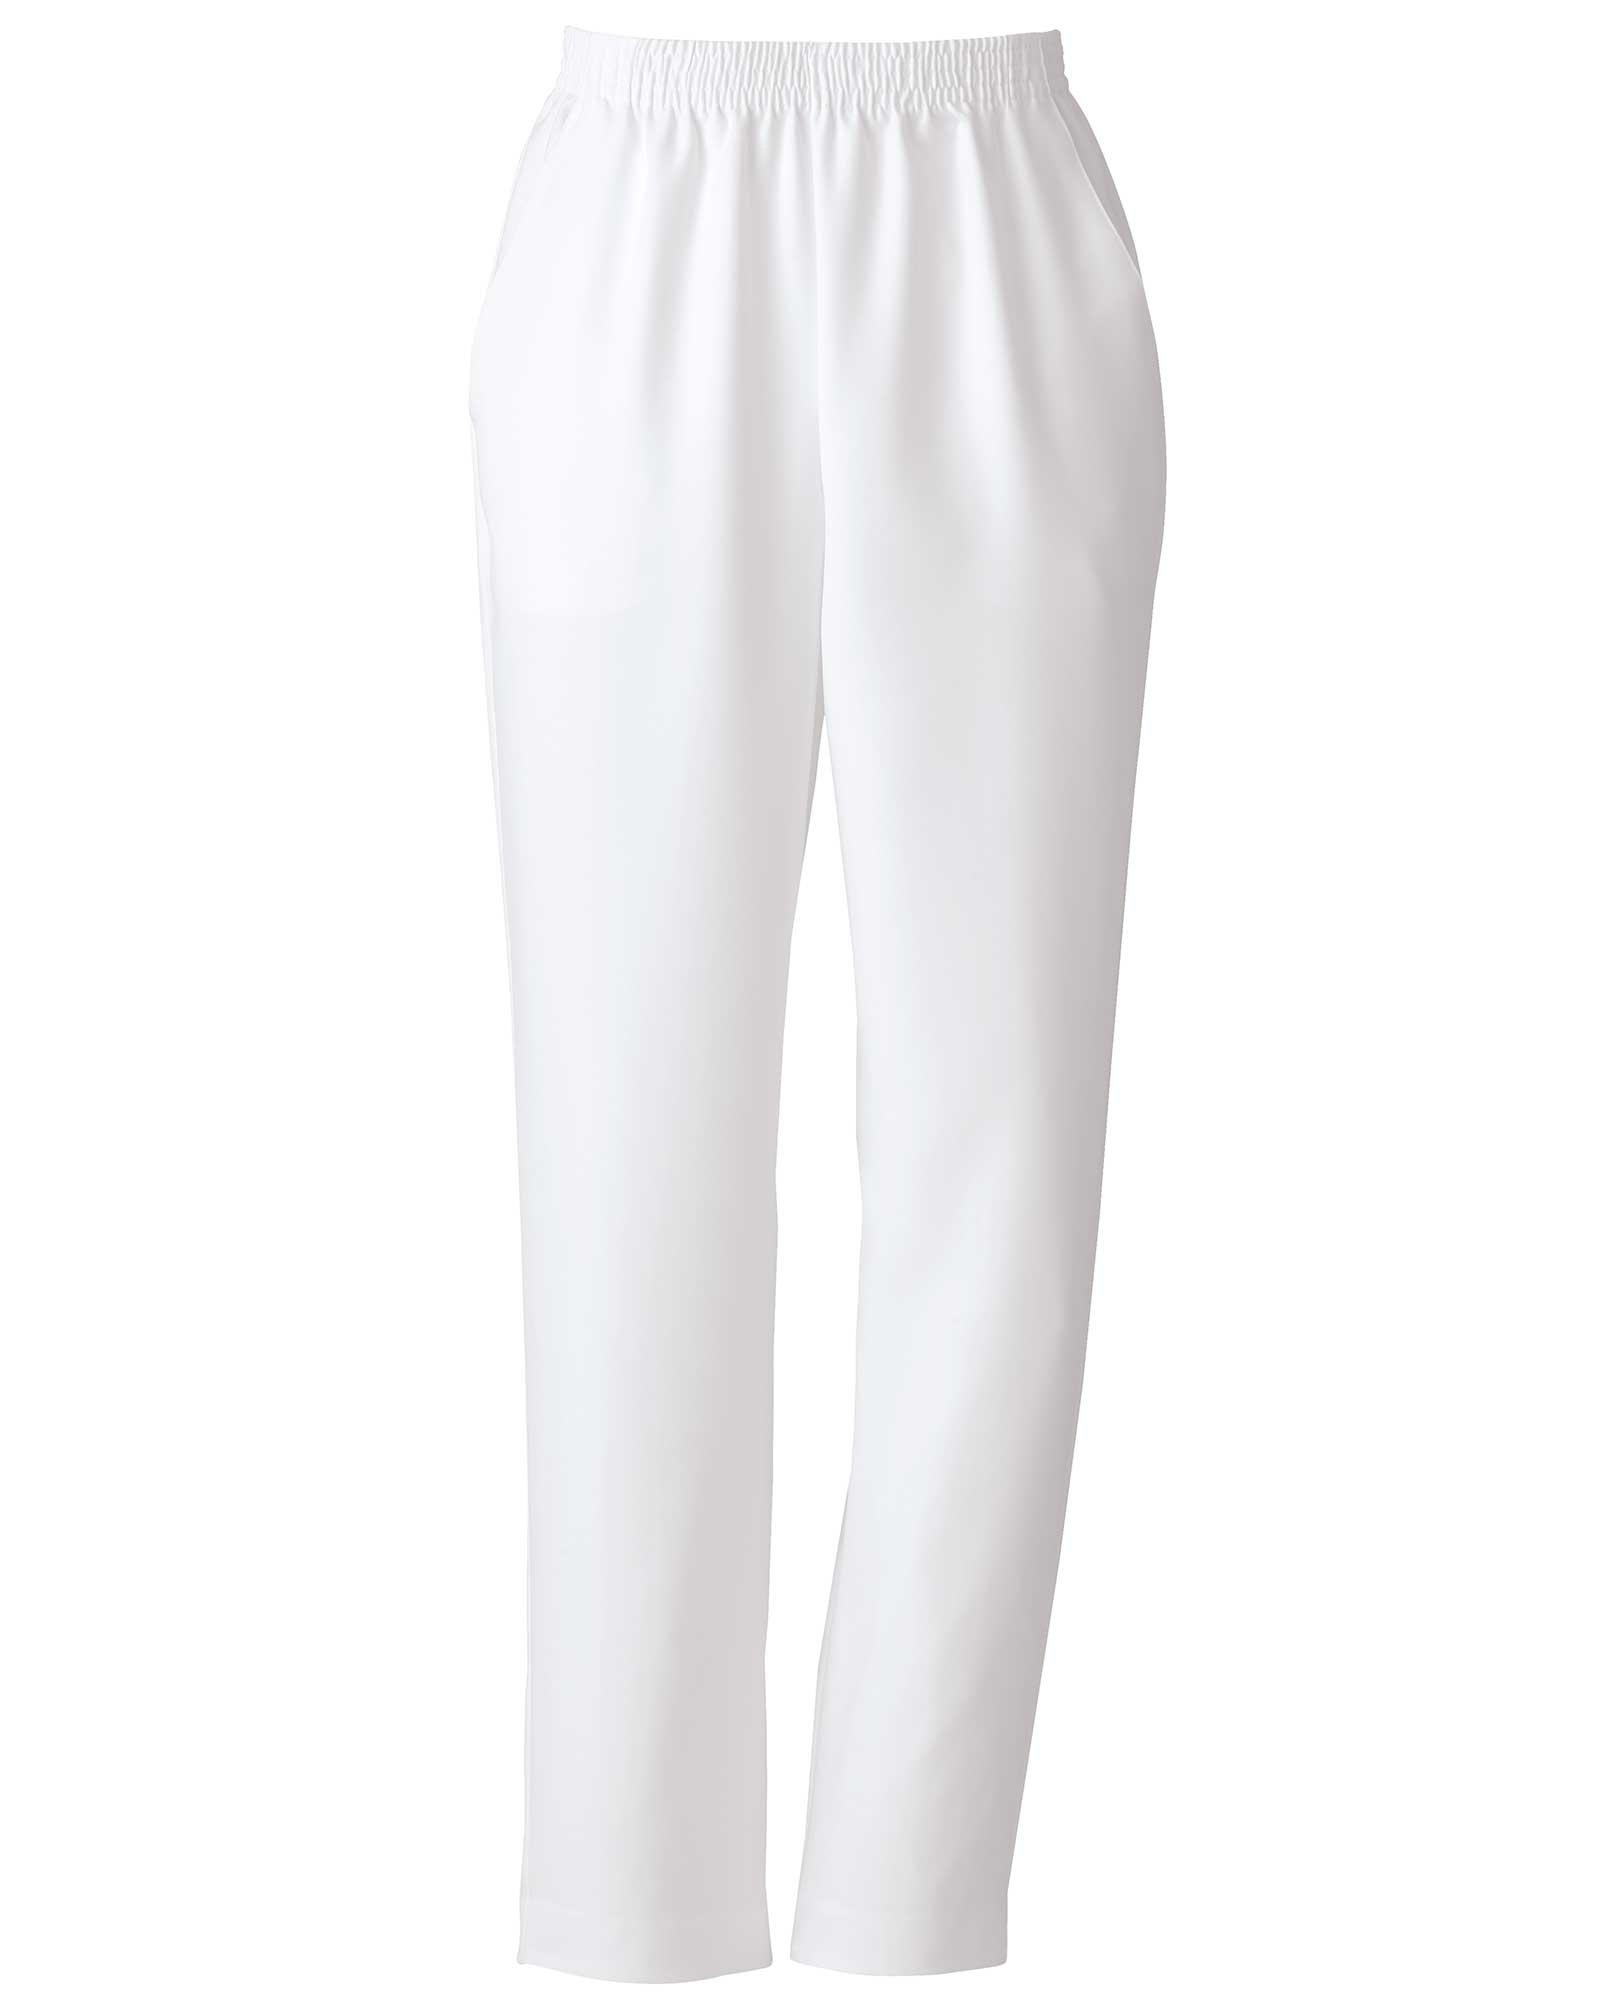 Donnkenny Elastic-Waist Gabardine Pull-On Pants, White, 18 Petite